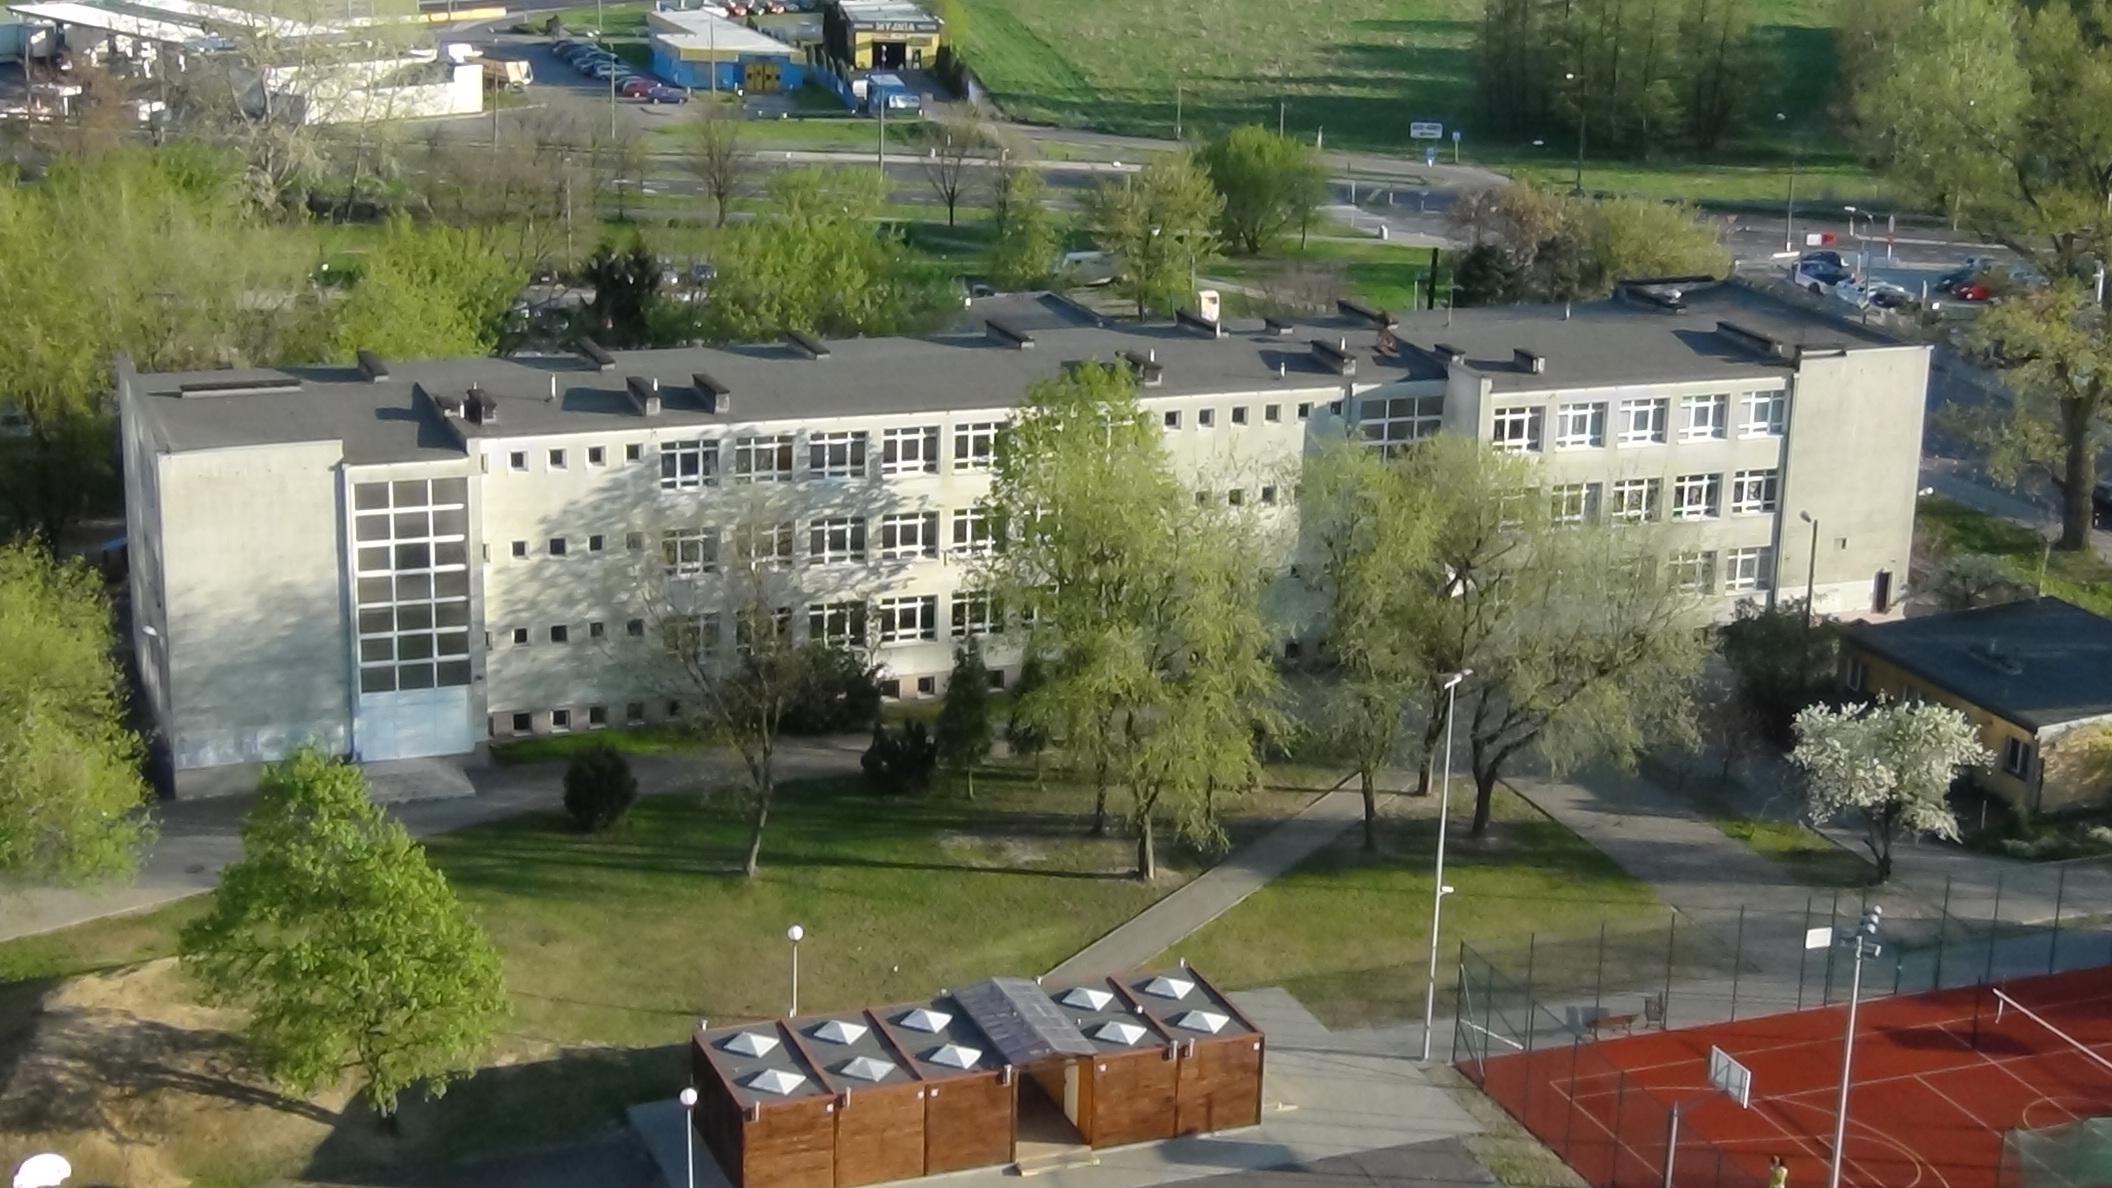 Szkoła Podstawowa nr 53 im. Mariusza Zaruskiego